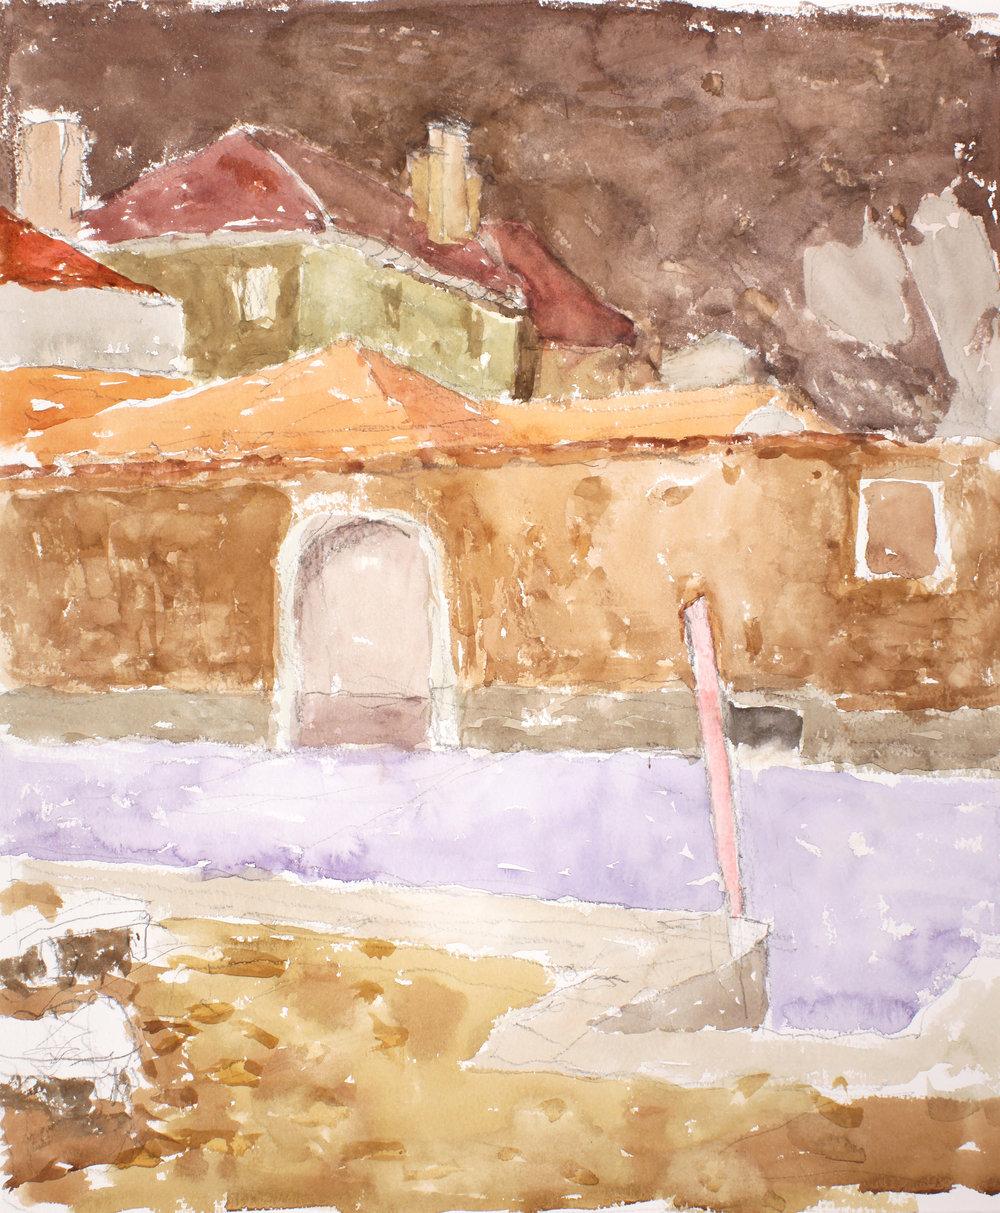 1990_Rio_Di_Sant_Alvise_watercolour_and_pencil_on_paper_20x16in_WPF390.jpg